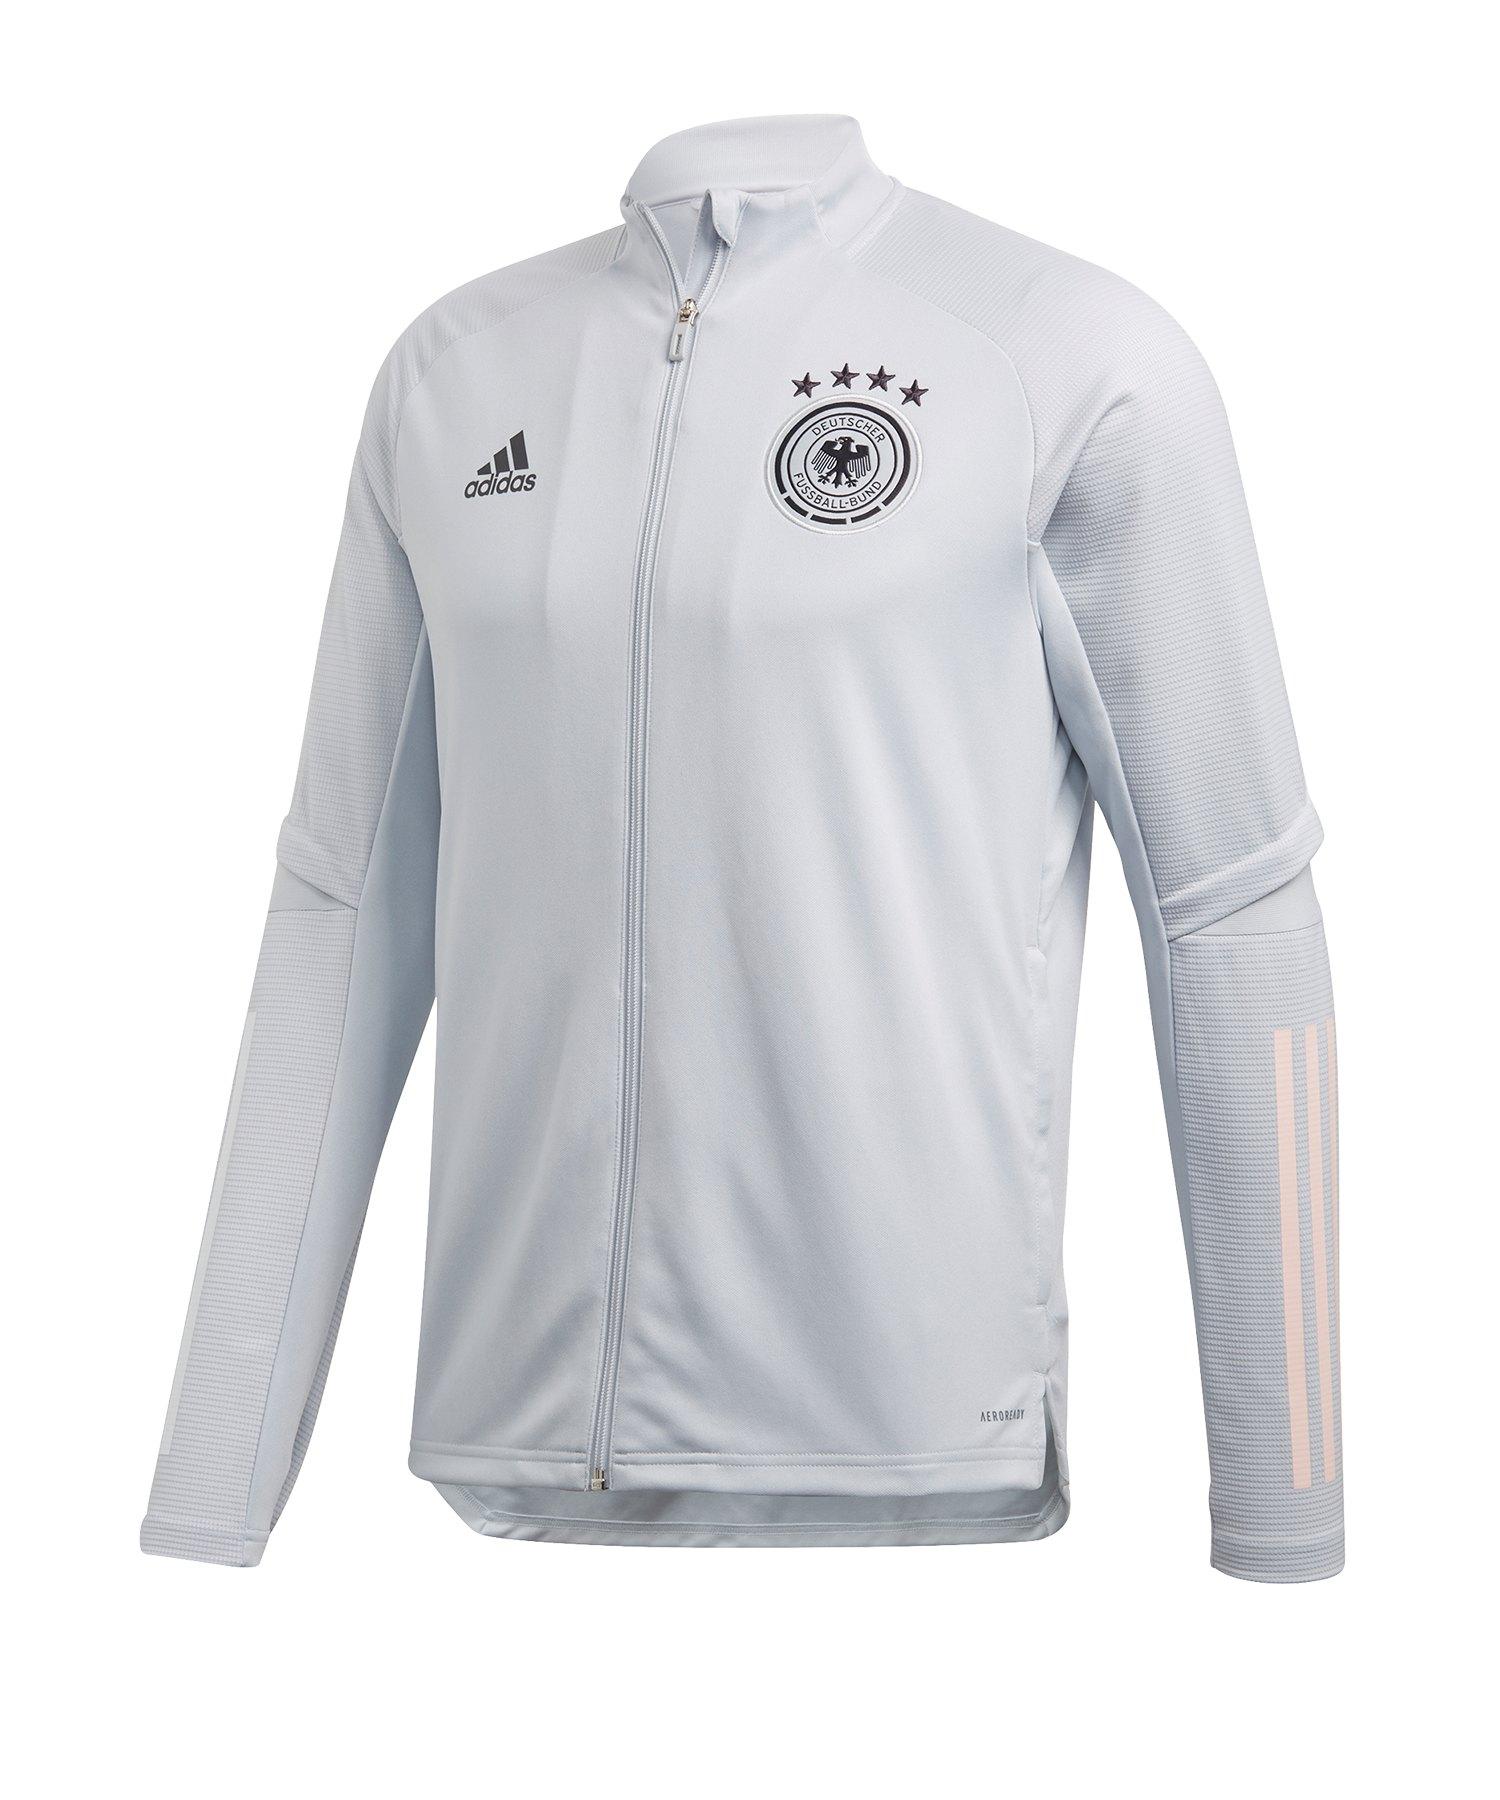 adidas DFB Deutschland Trainingsjacke Grau - grau